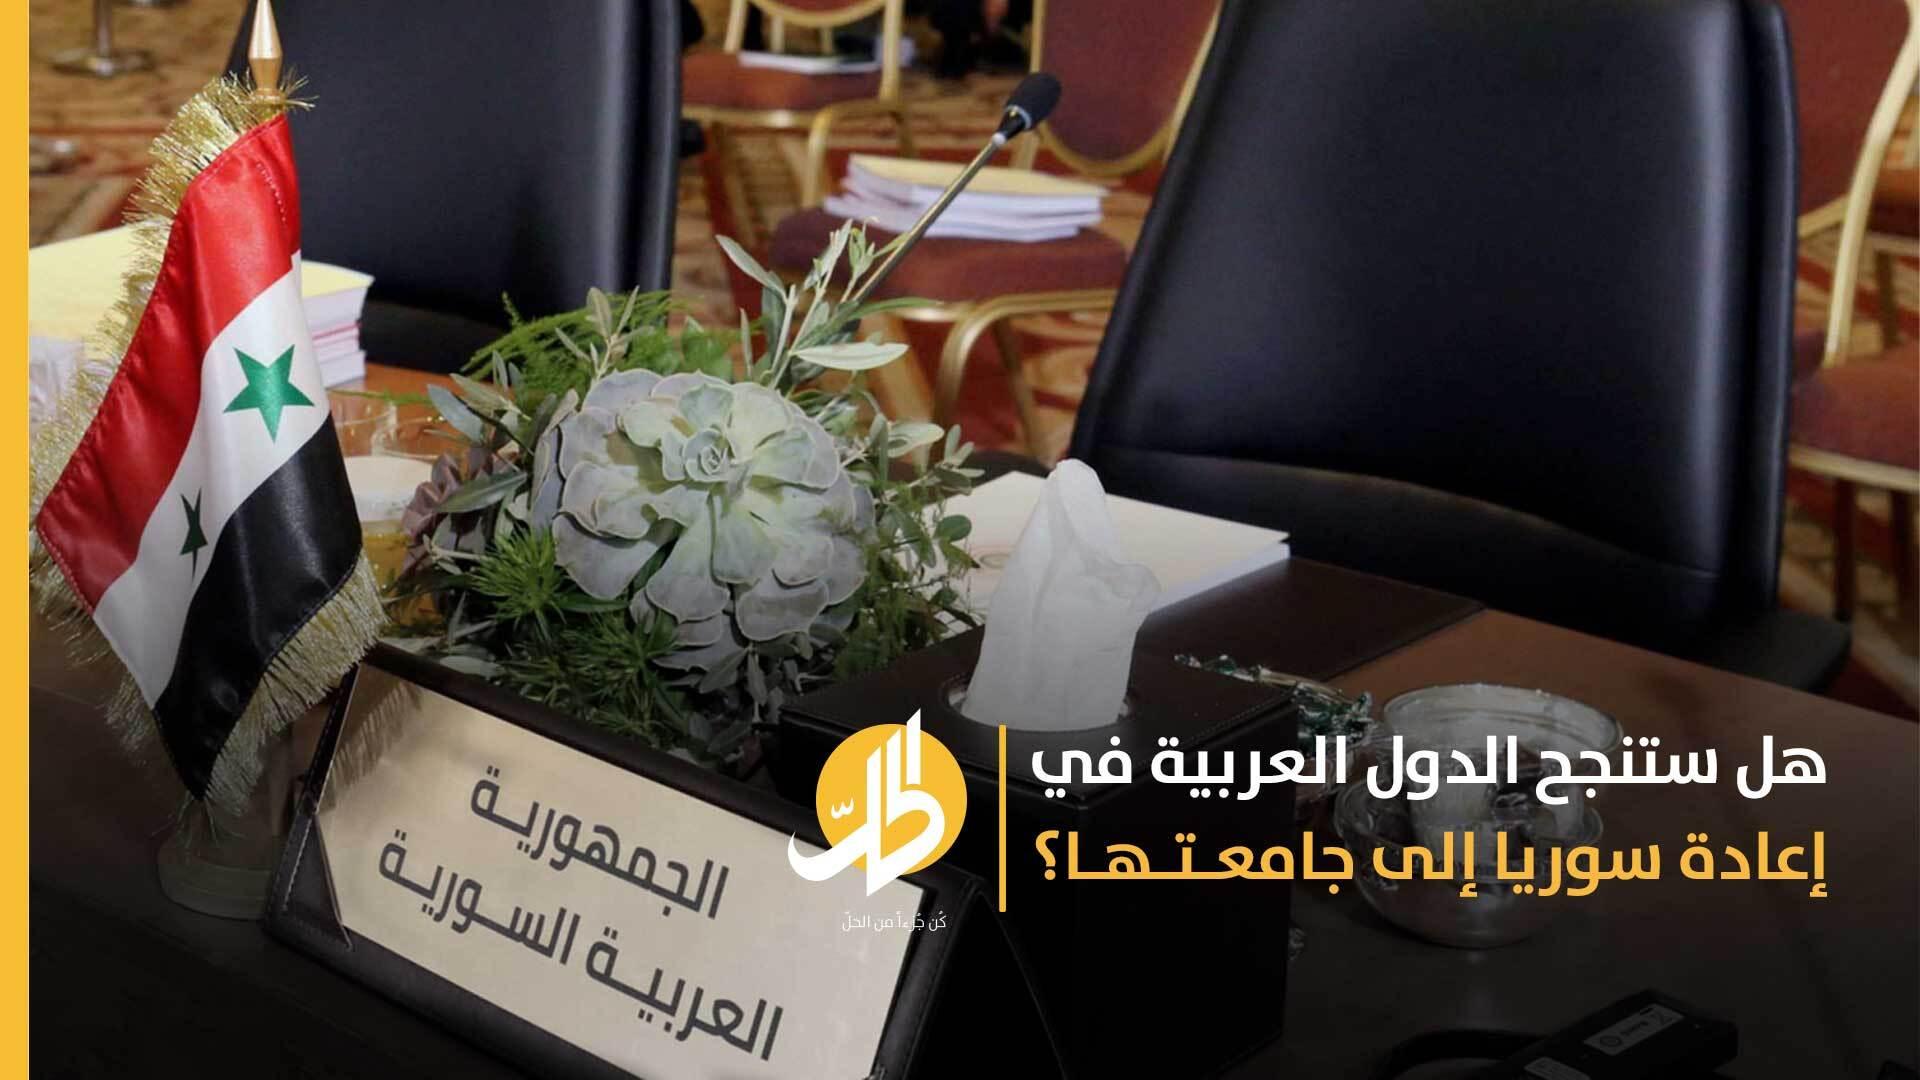 من المُعارضة إلى الدَّعم.. كيف شاركت دولٌ عربيّة في لعبة موسكو بالوقوف إلى جانب الأسد؟